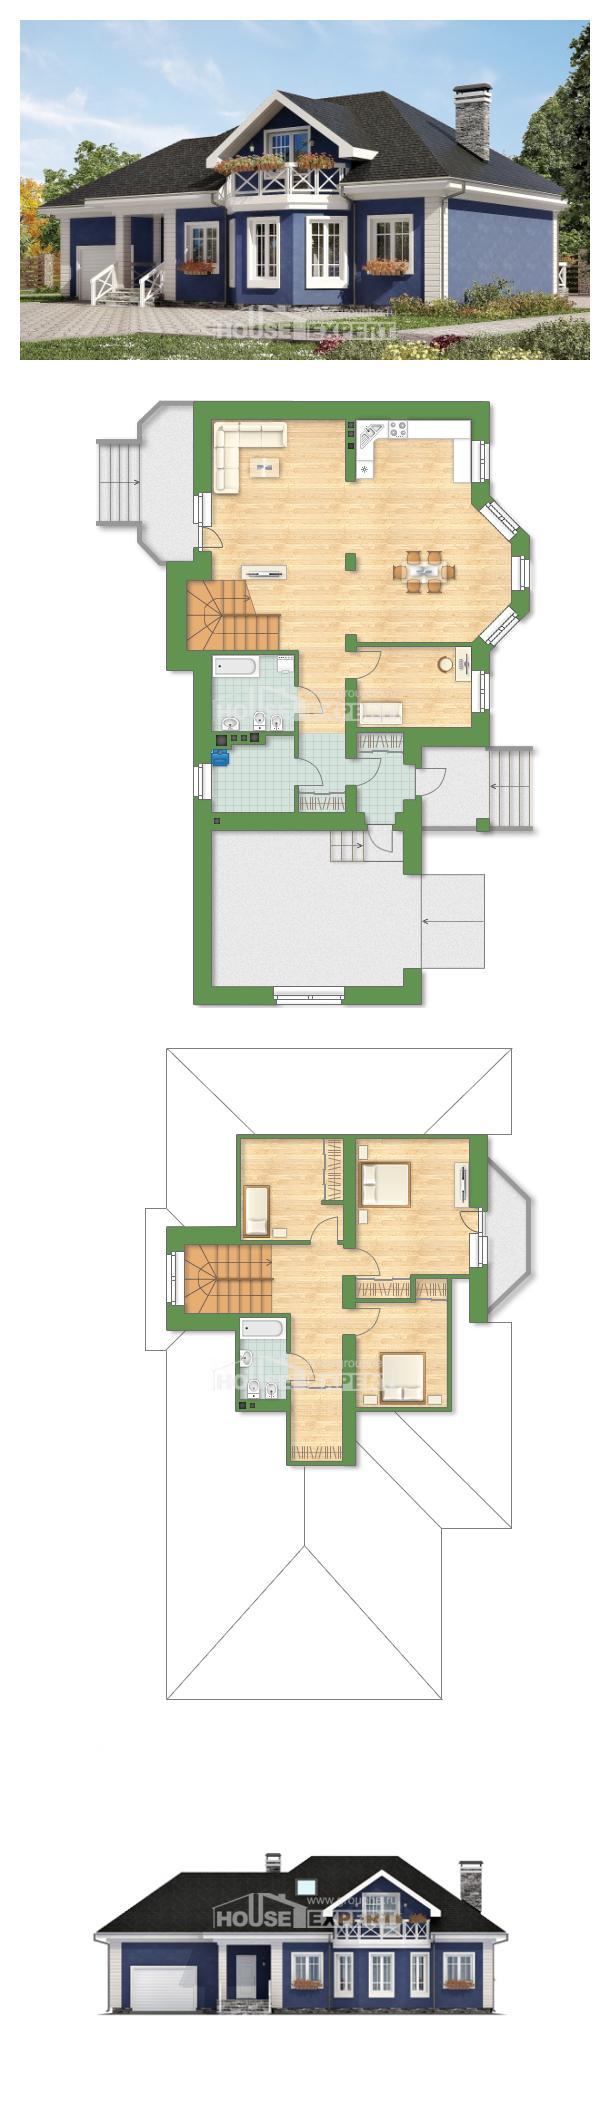 Plan 180-010-L | House Expert